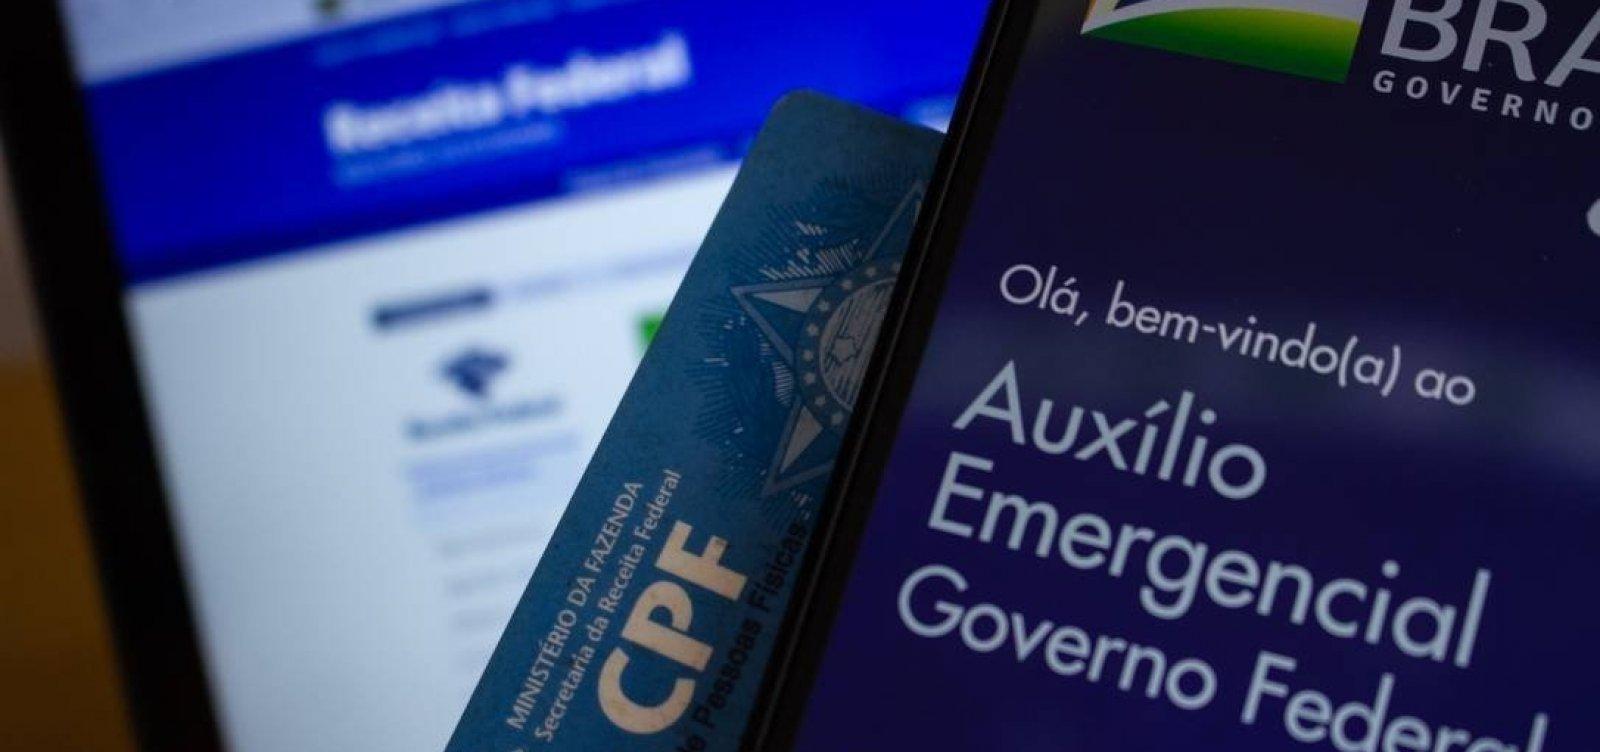 [Pagamento de nova rodada do auxílio emergencial começa na próxima terça-feira ]